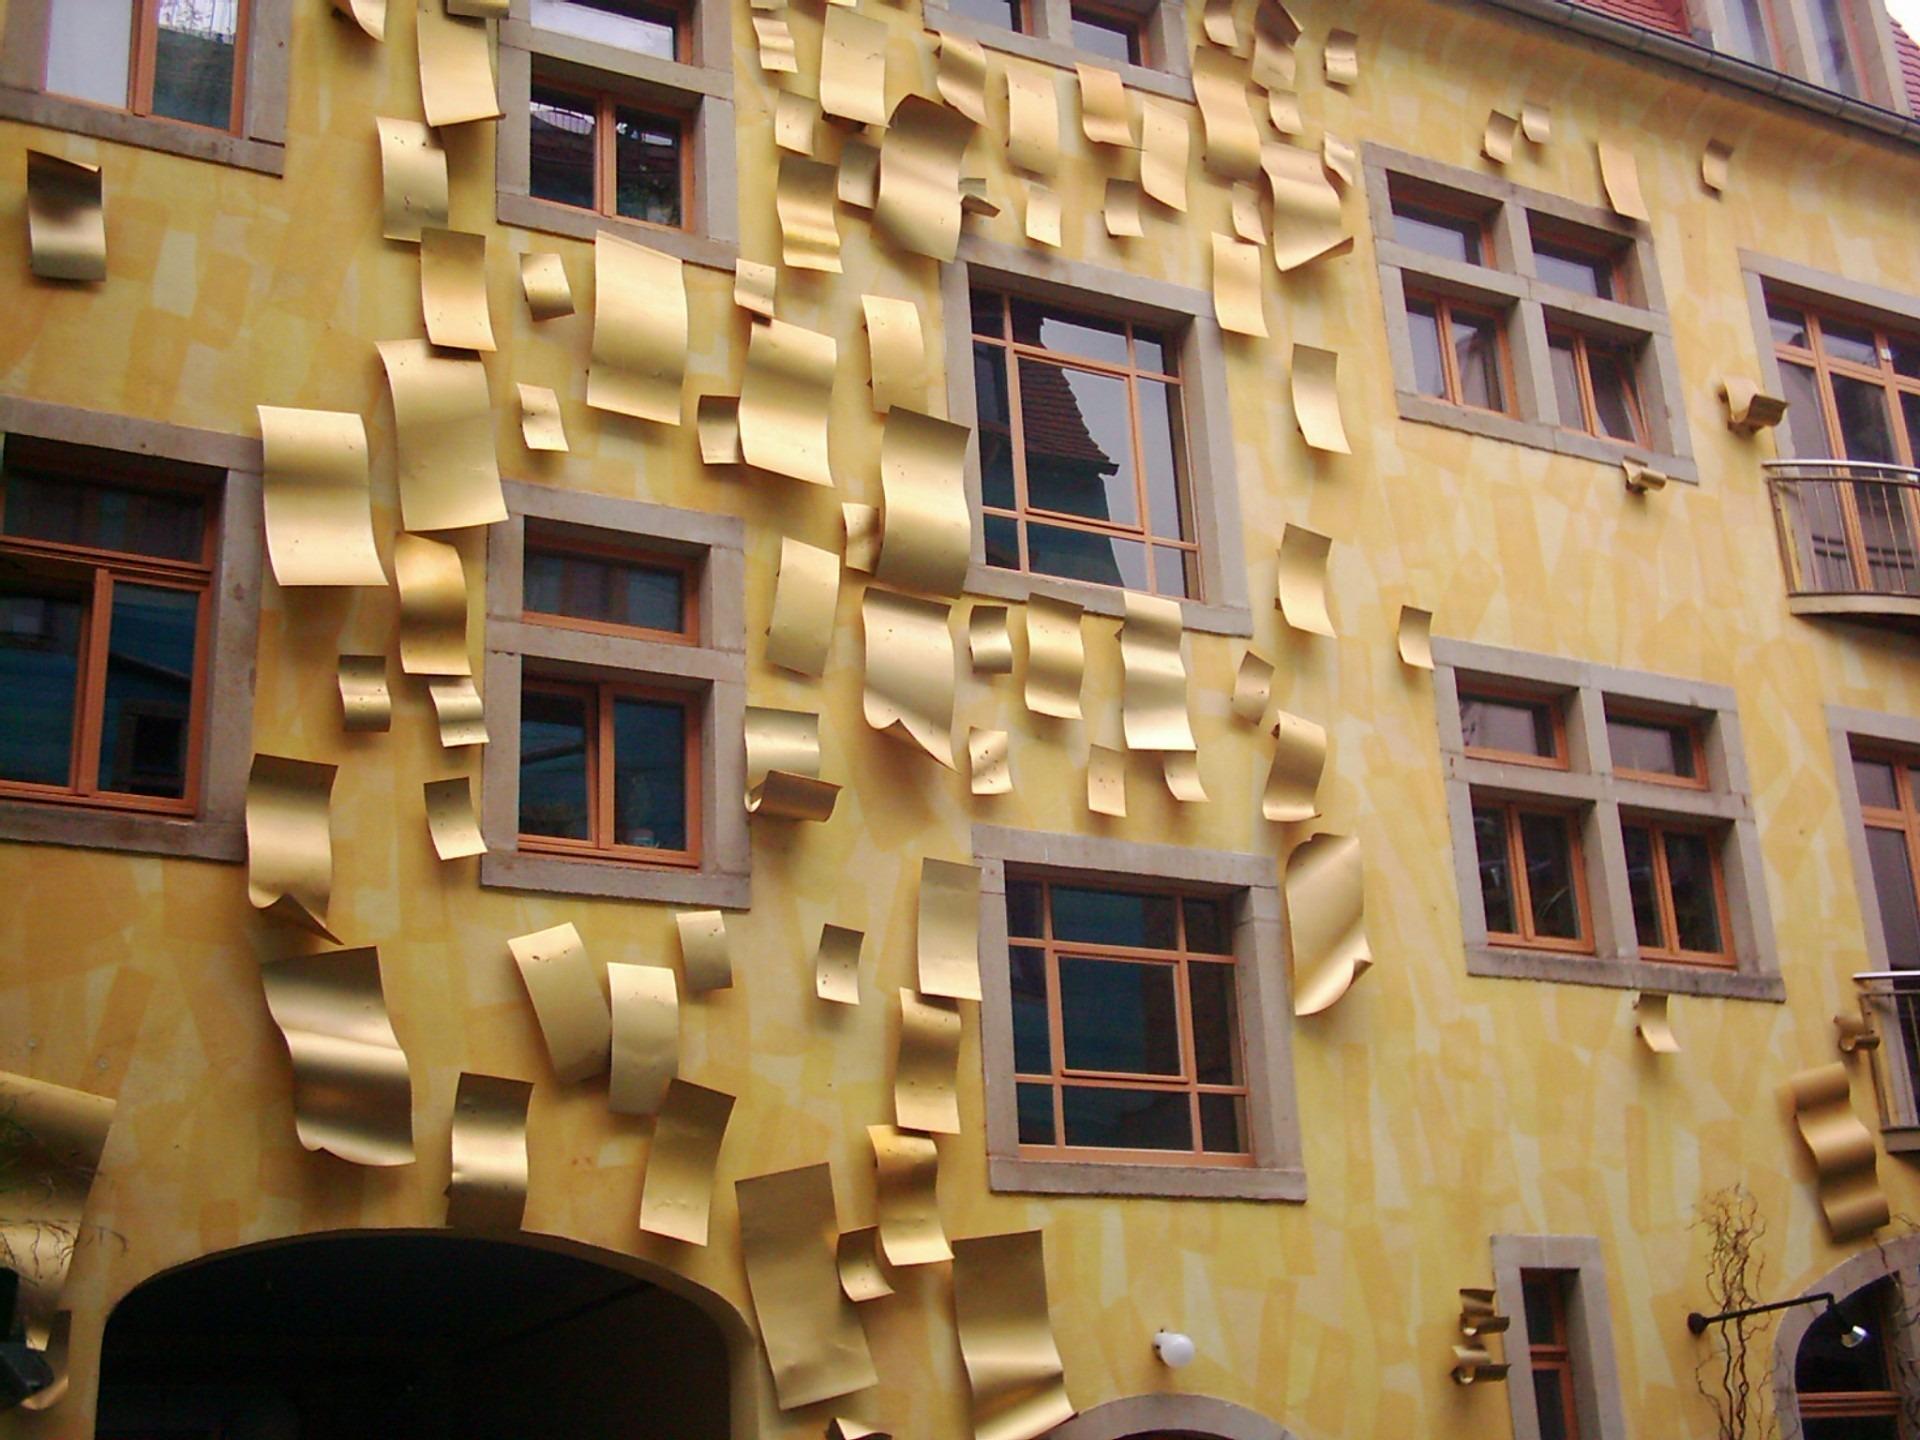 Fotos gratis arquitectura palacio edificio patio interior propiedad apartamento dise o - Ley propiedad horizontal patio interior ...